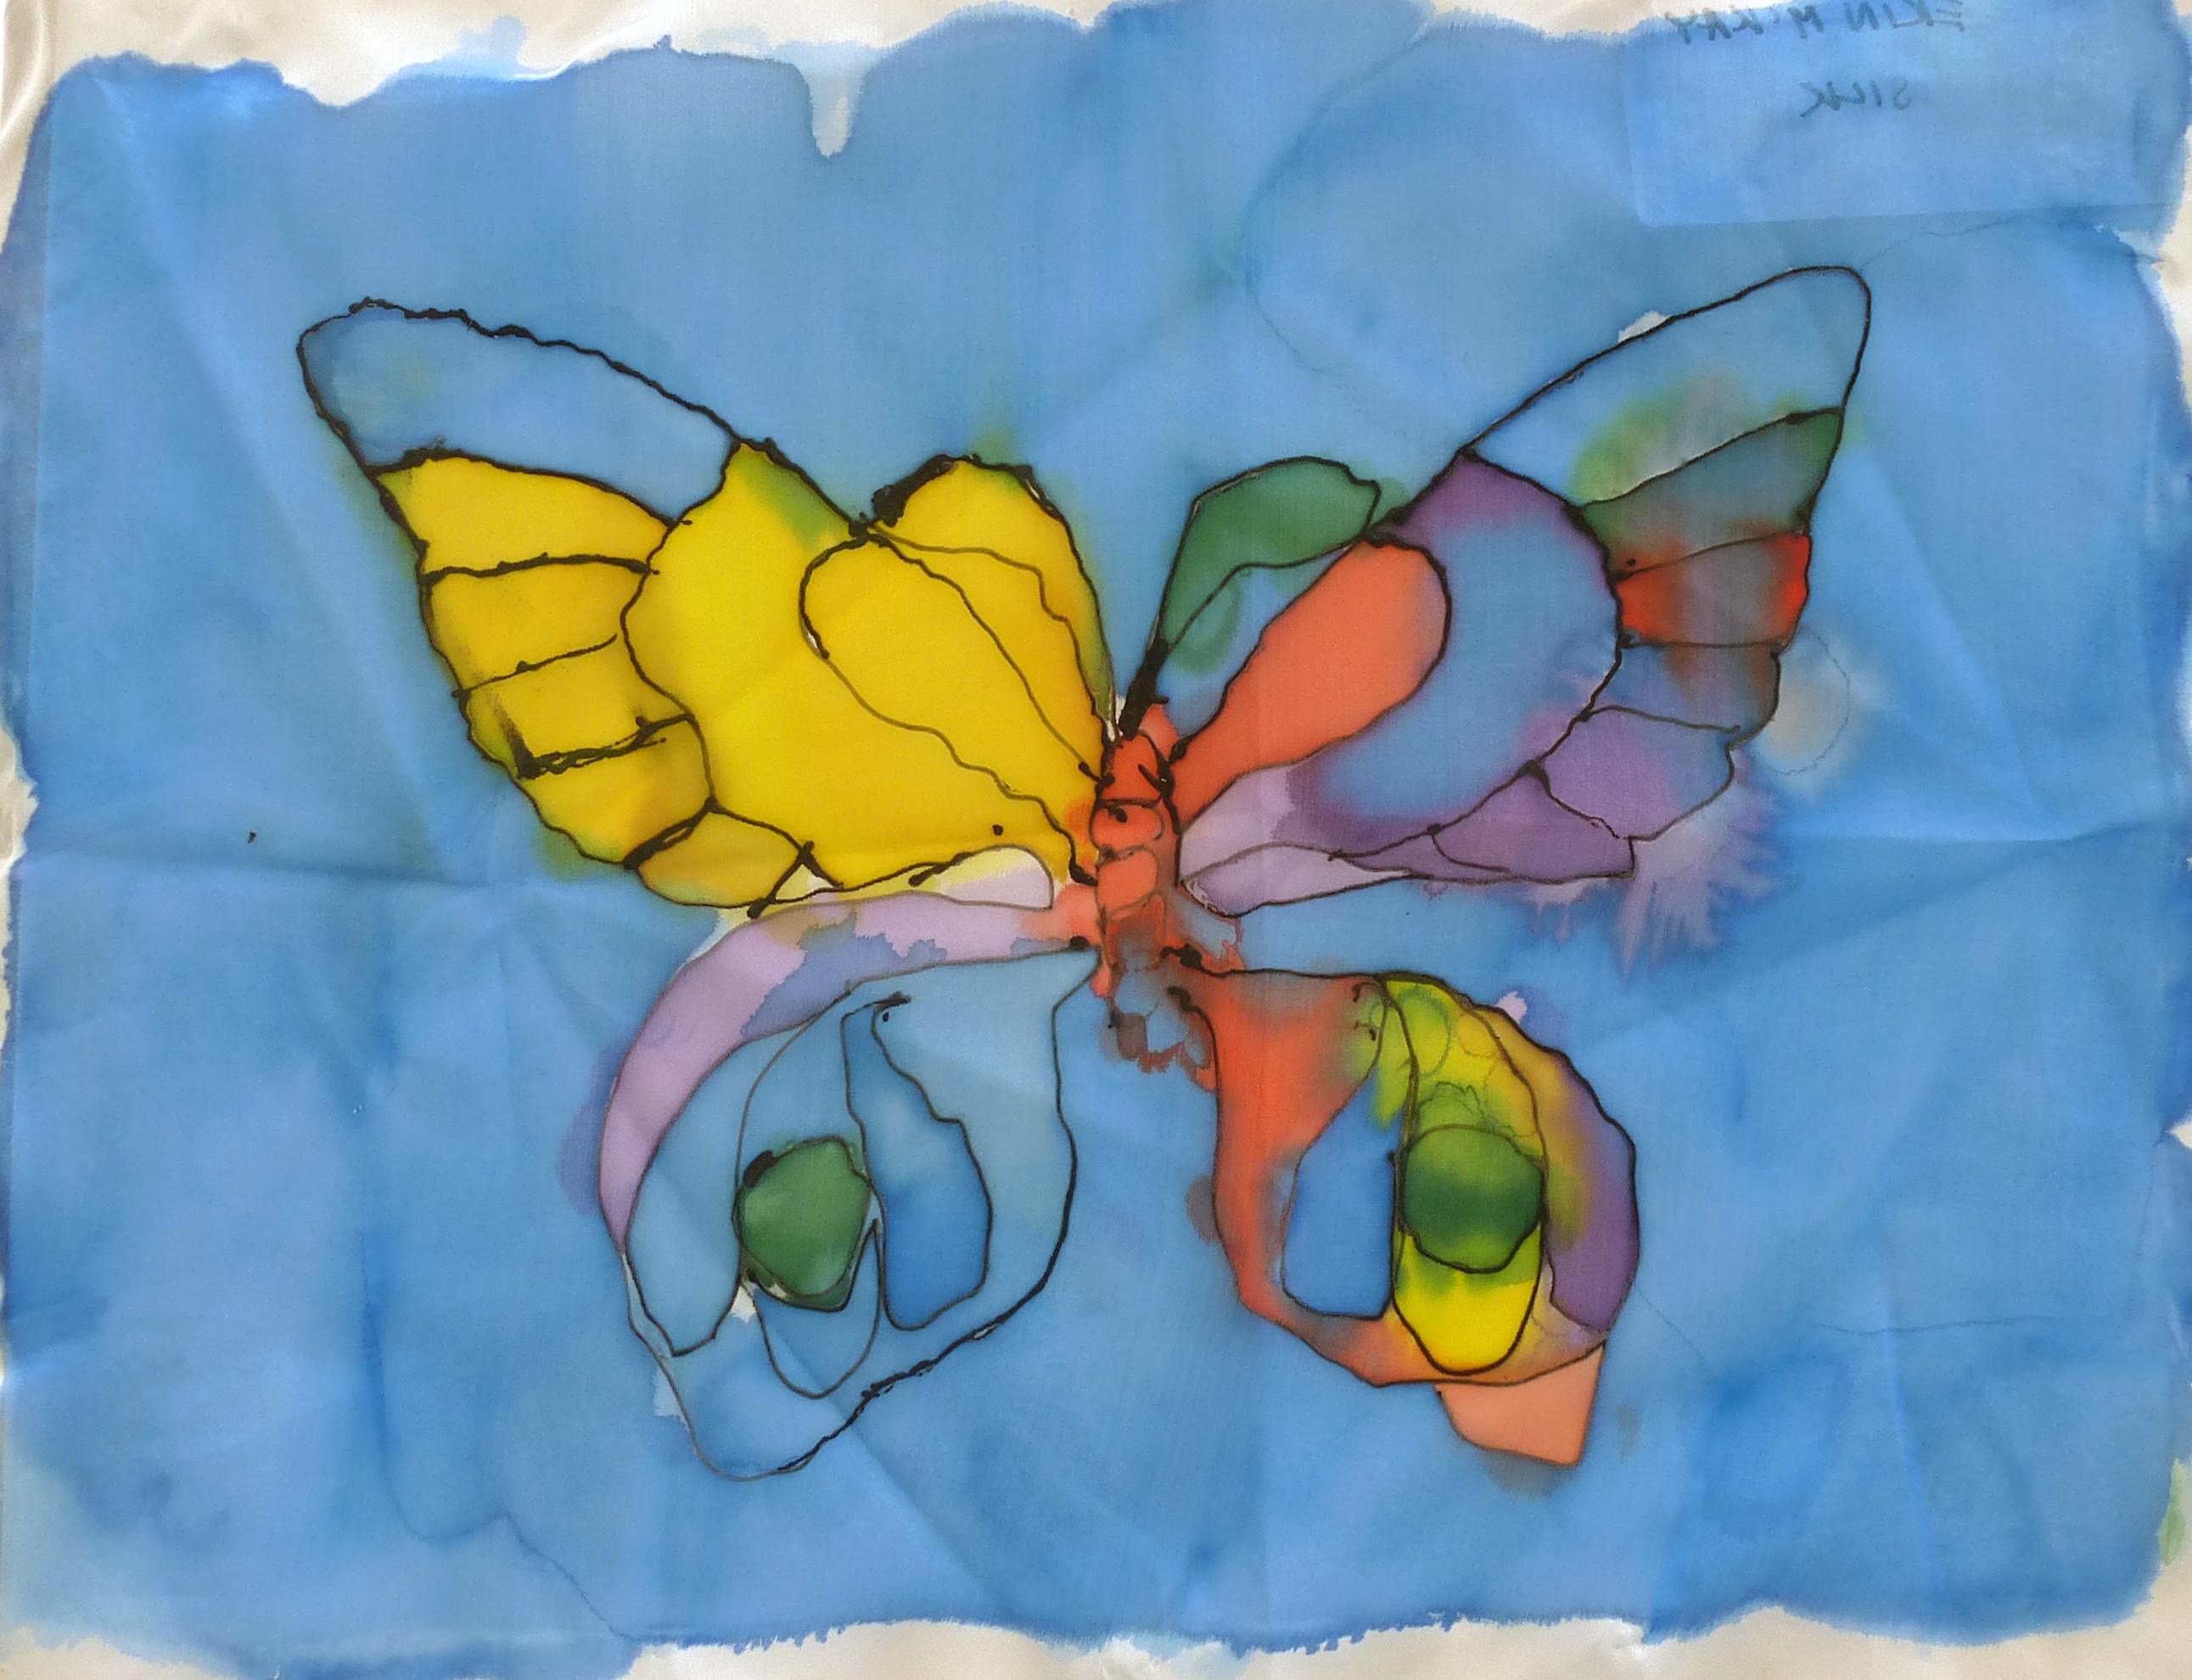 Butterfly Silk' by Erin McKay